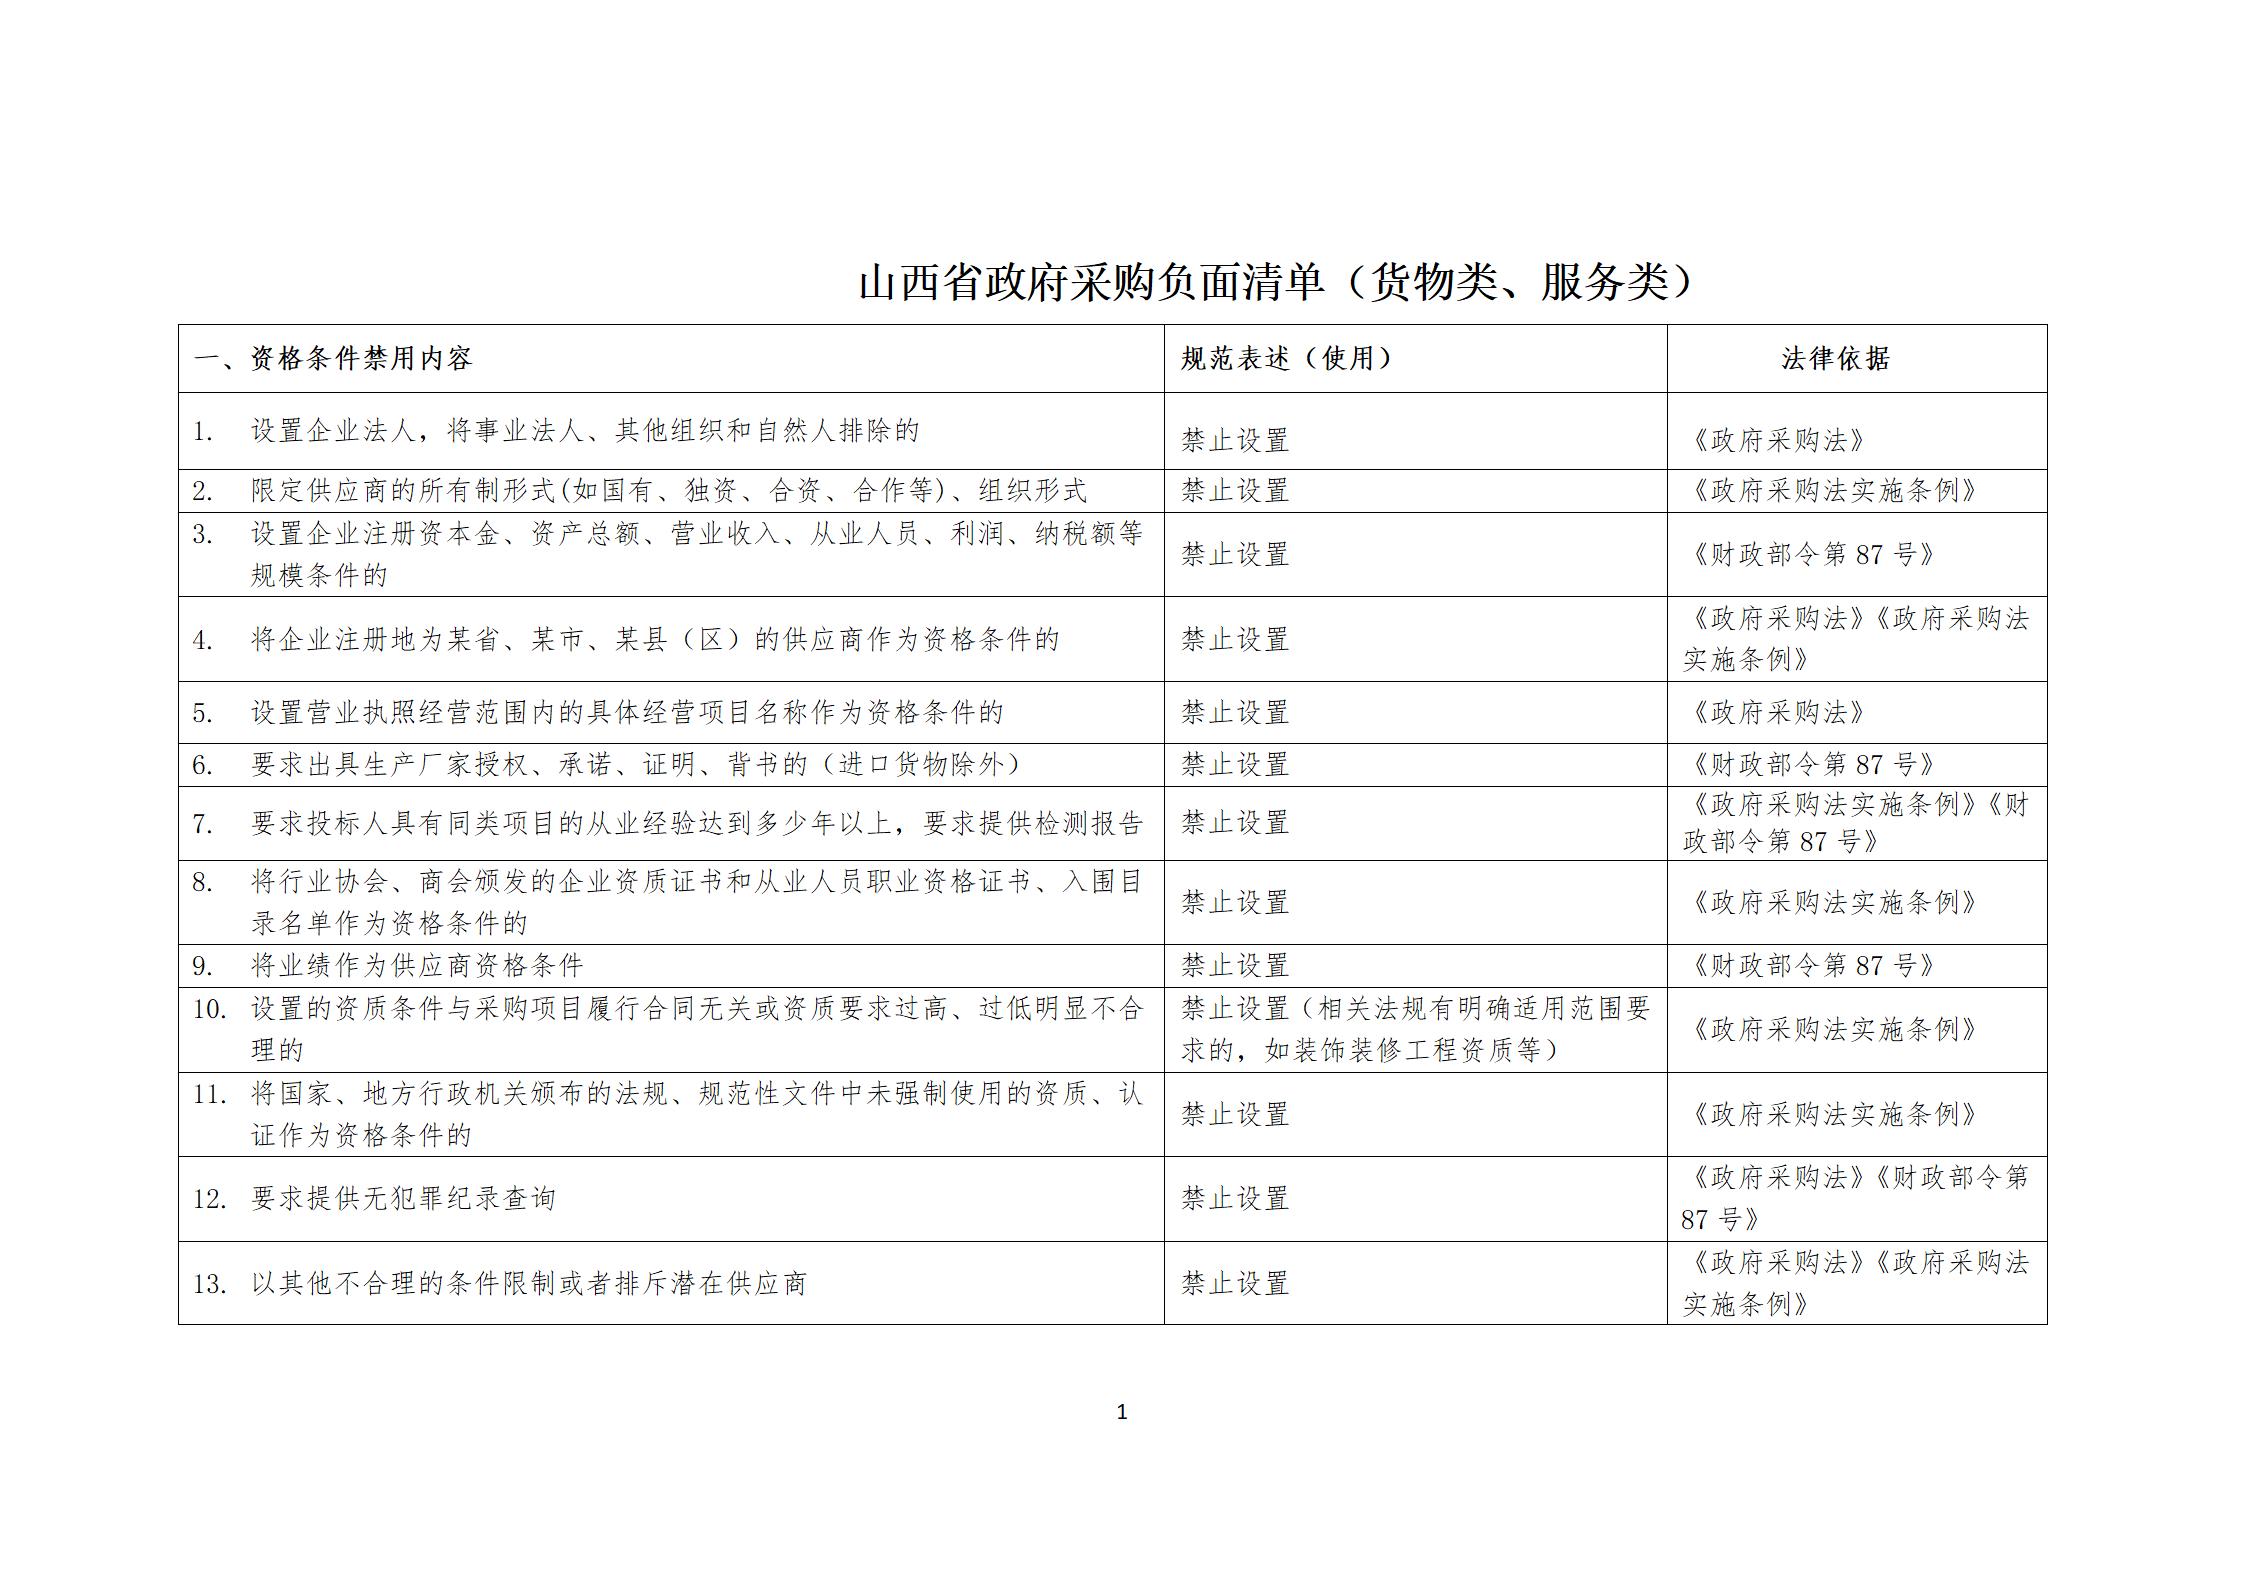 山西省政府采购负面清单(货物类、服务类)